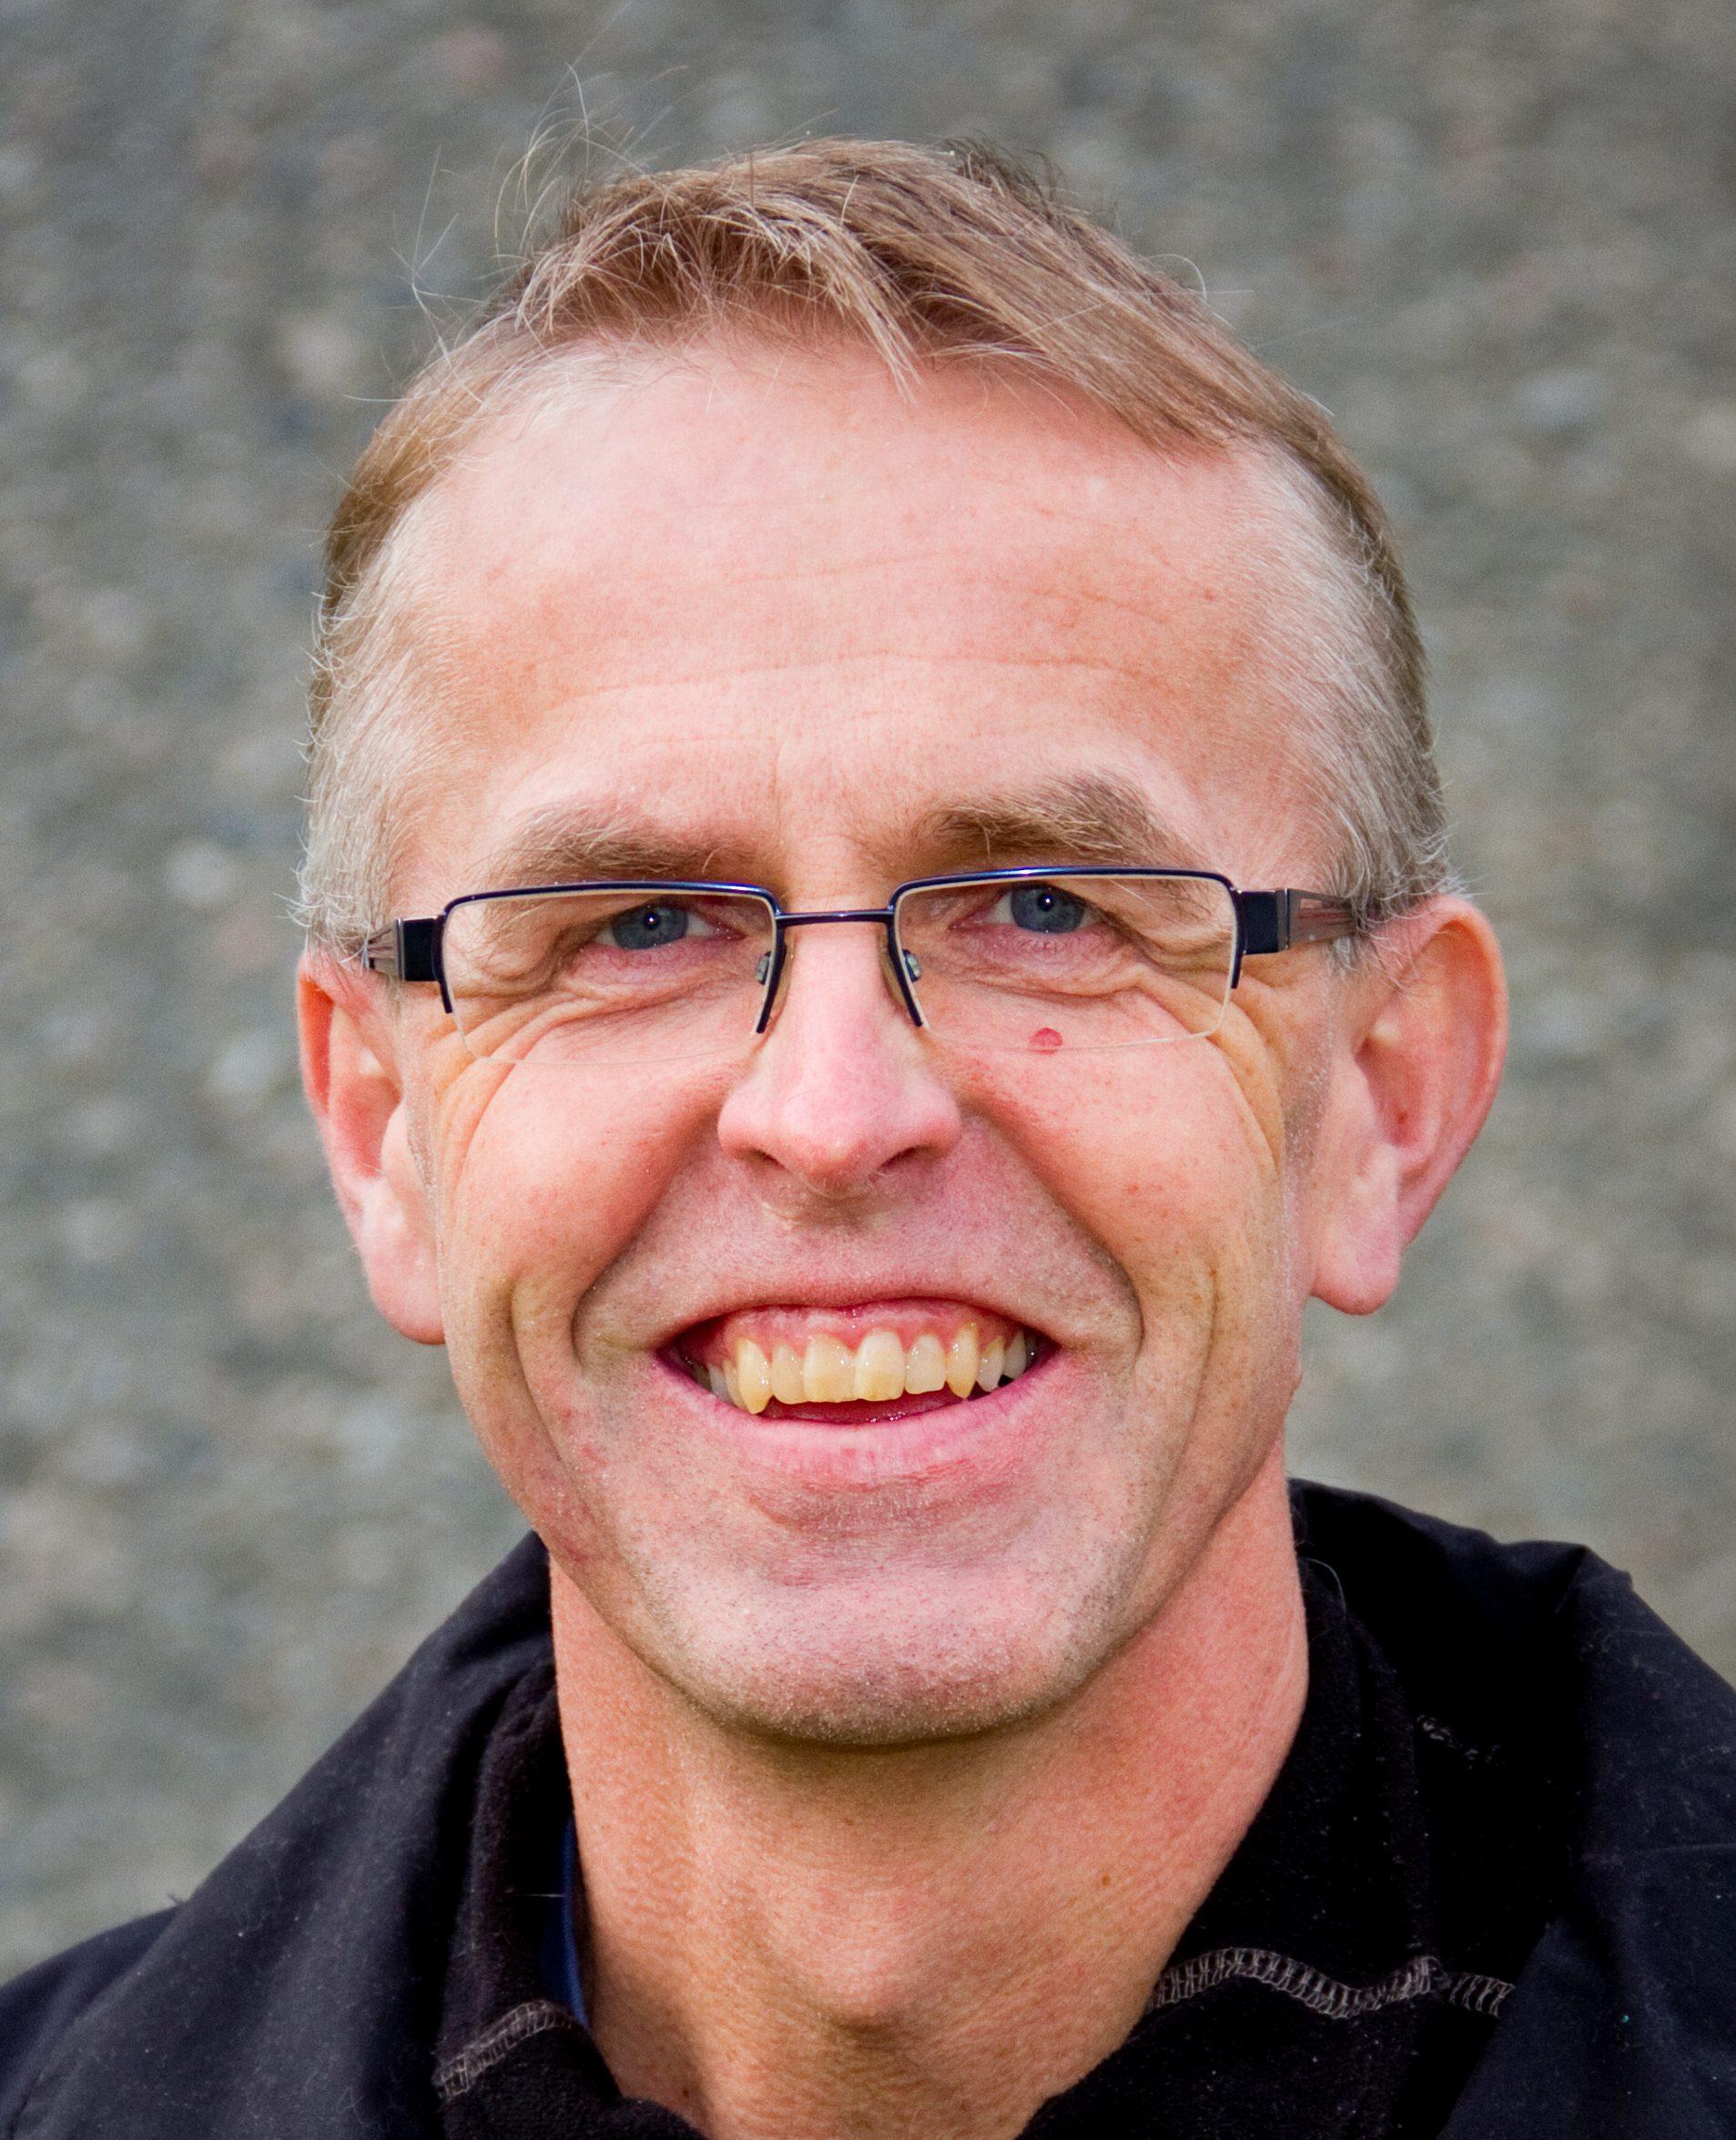 Sigbjørn Lien, centre leader